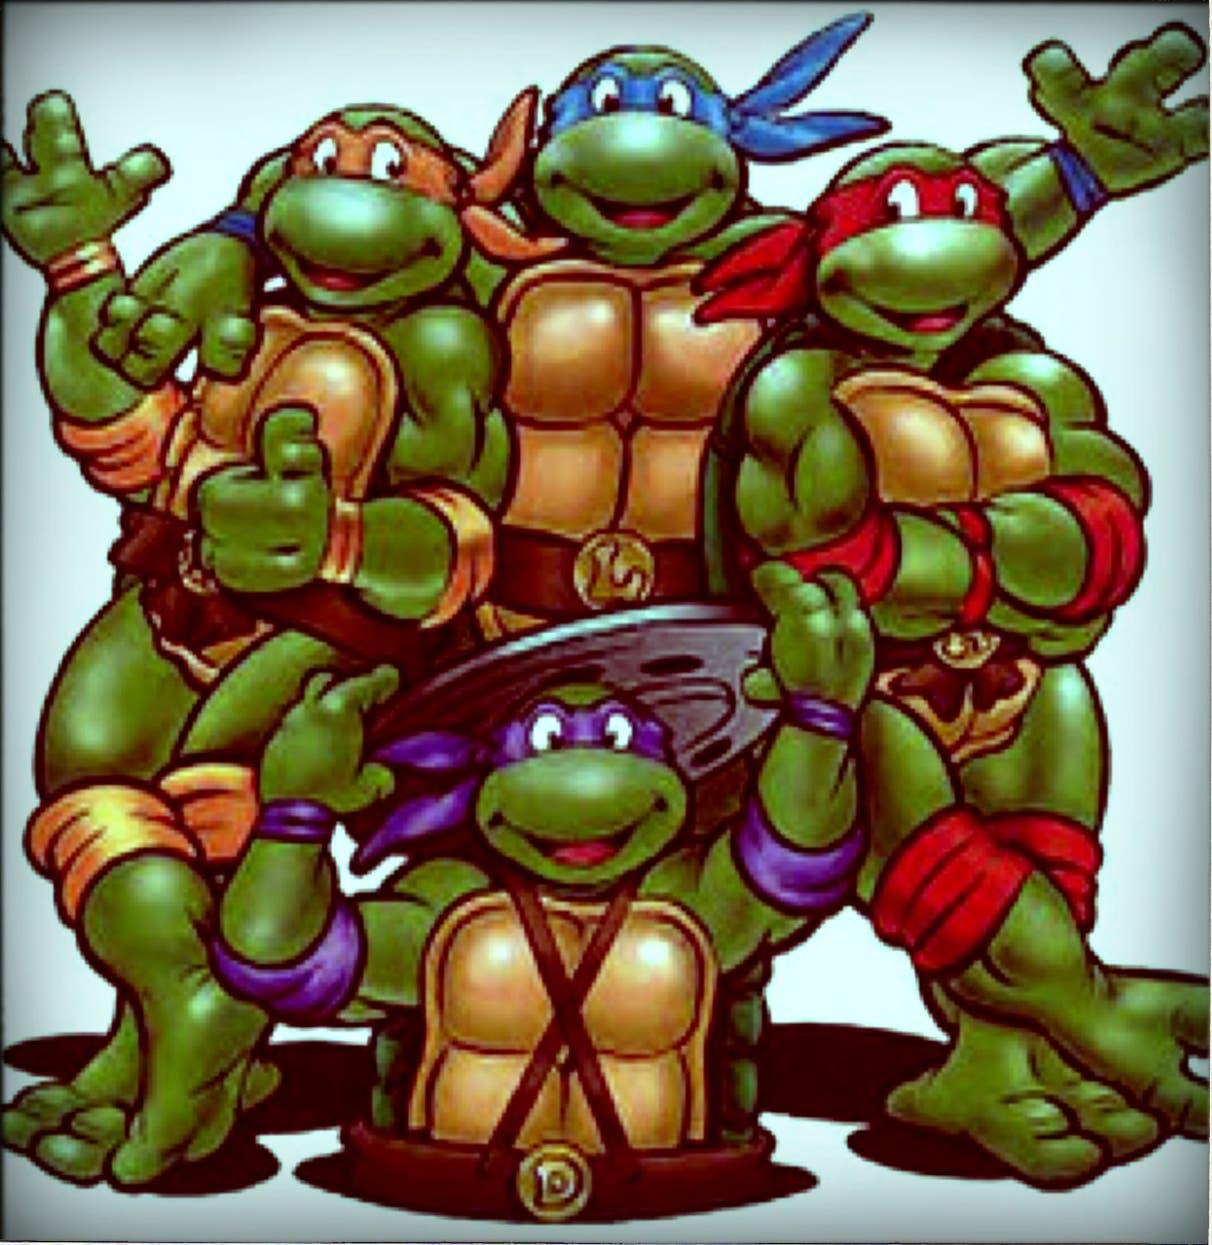 Tortugas Ninja Mutantes